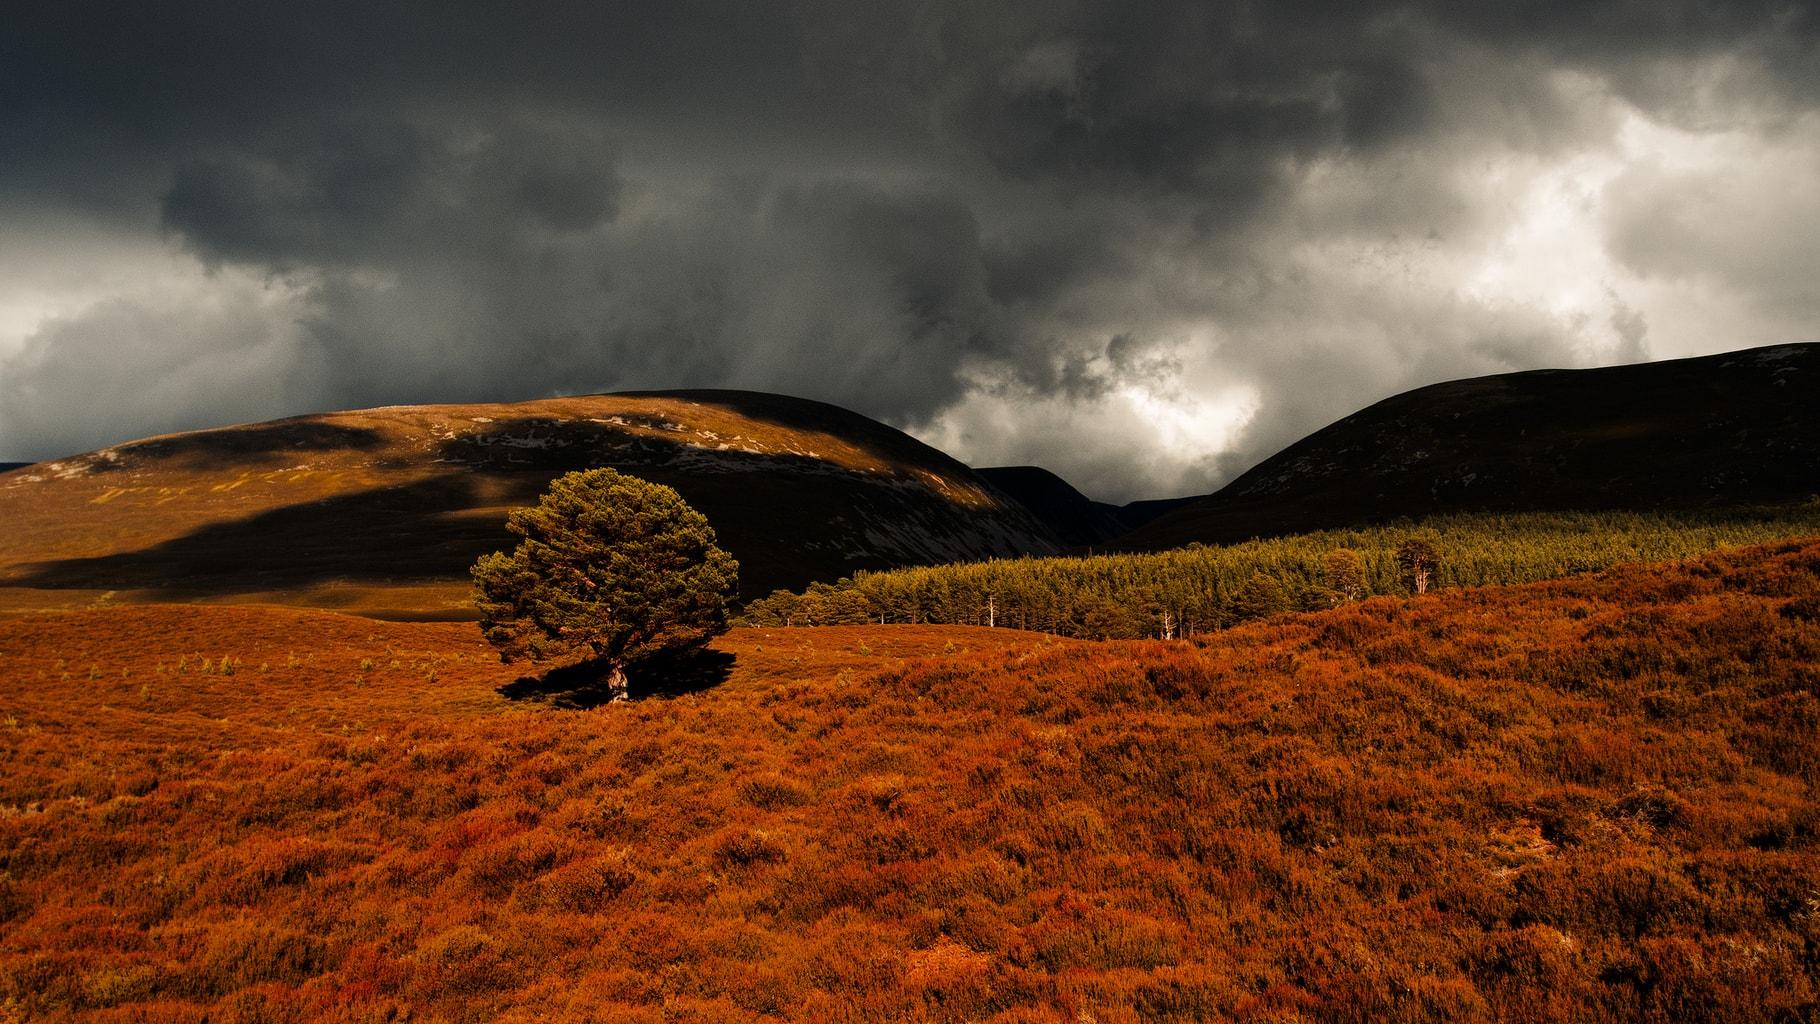 El contraste de la tormenta